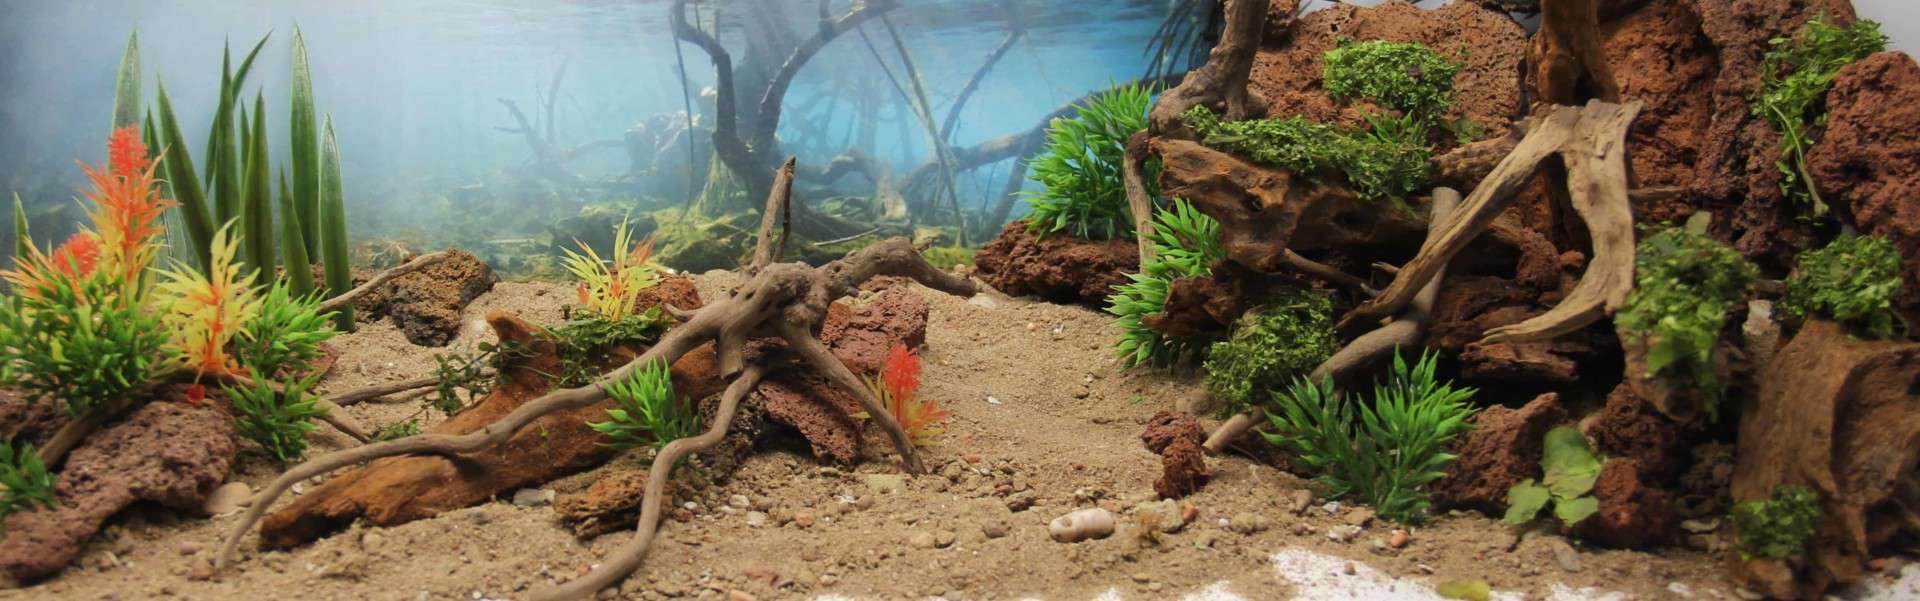 205 - Das 28.000 Liter Sumatra Flusslauf Aquarium im Tierpark Hagenbeck - Die Planung und Vorbereitung + Fakten (Stefan Hummel) 21